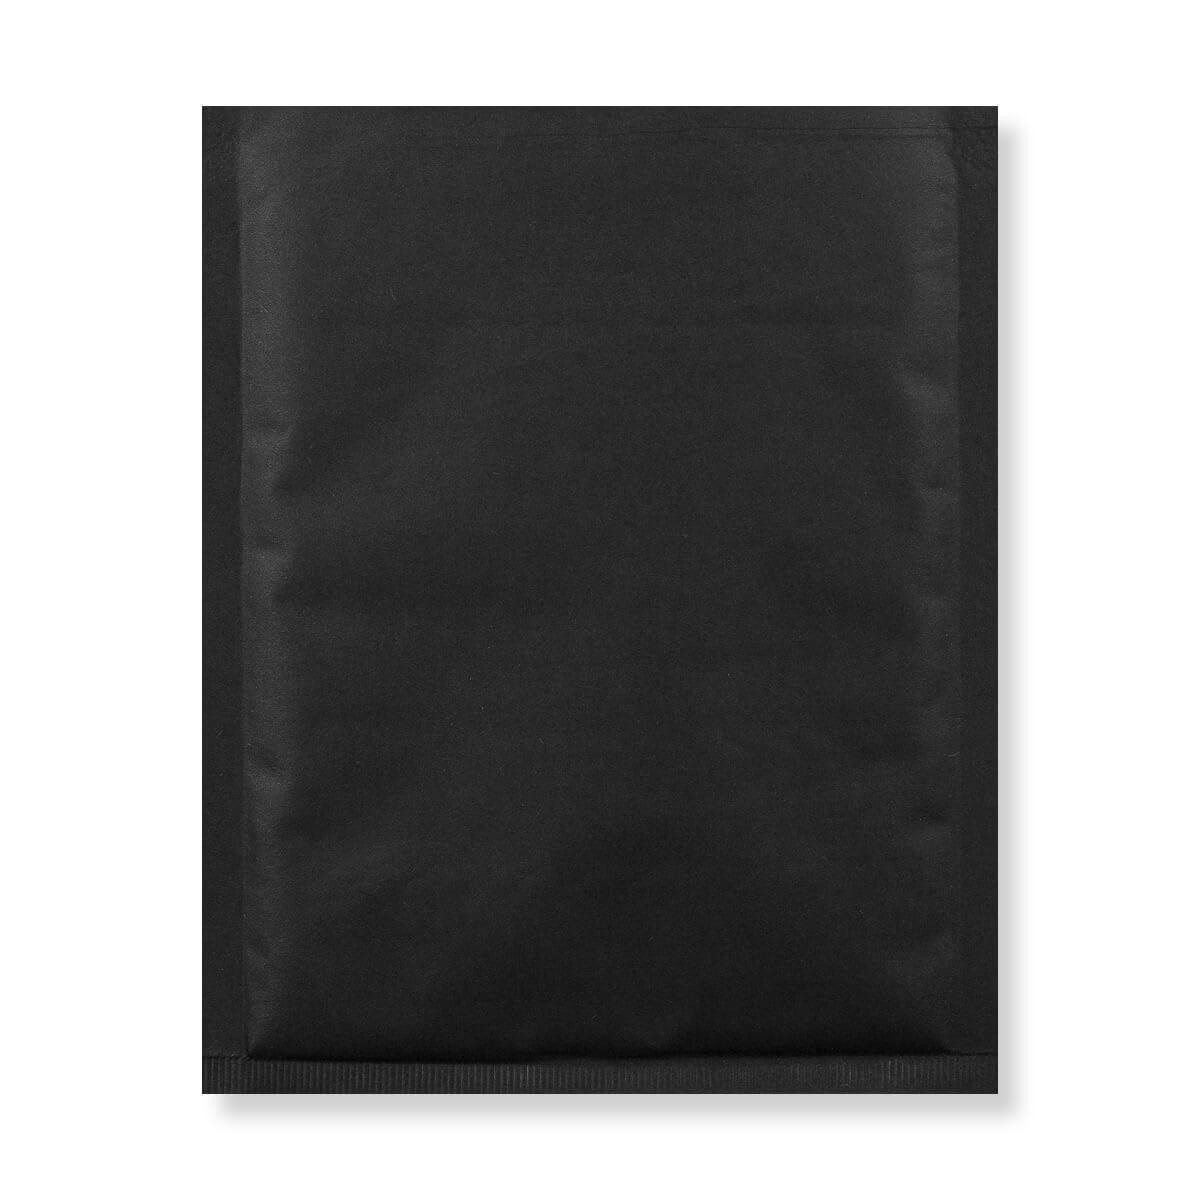 165MM SQUARE BLACK PADDED BUBBLE ENVELOPES